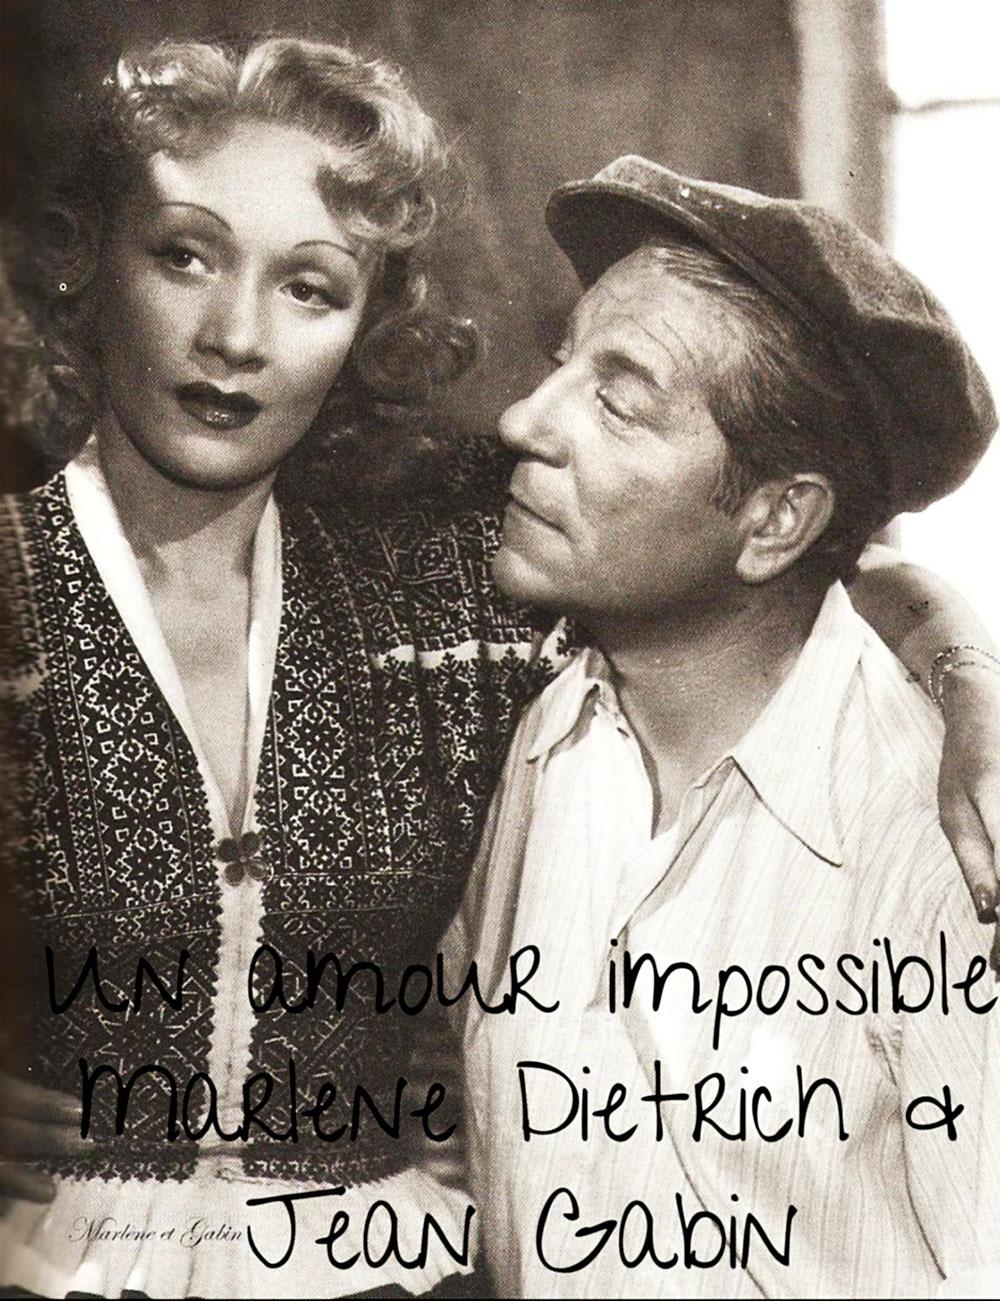 Eine unvollendete Liebe – Marlene Dietrich & Jean Gabin